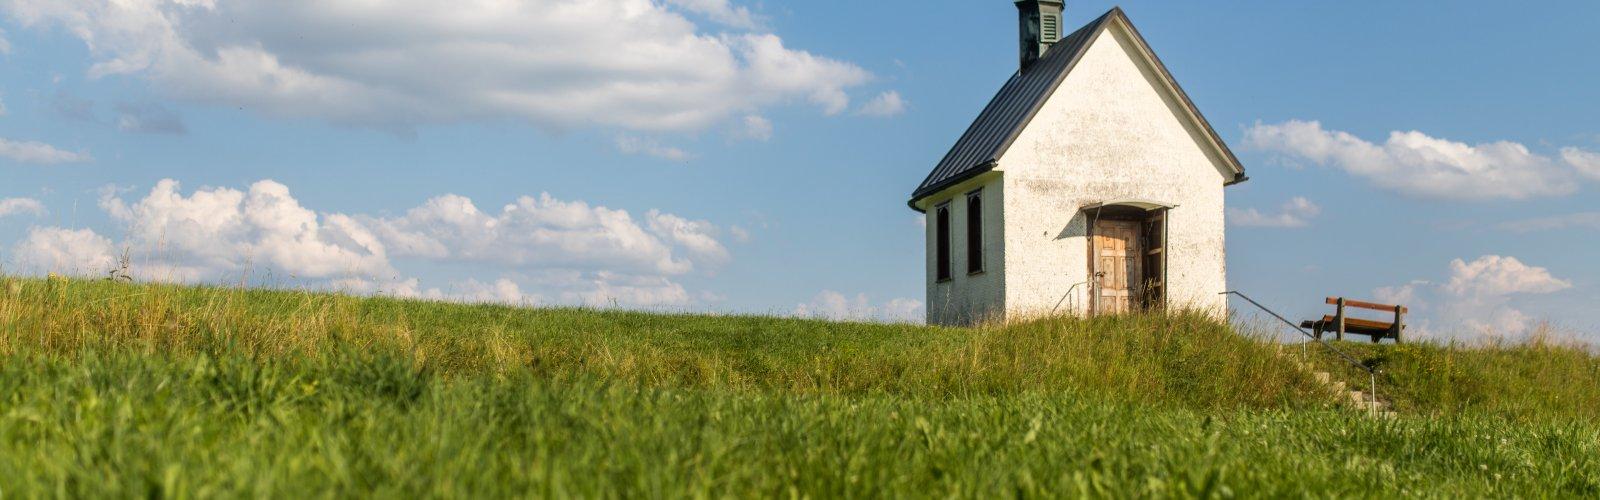 LRA-Kapelle fs18-9